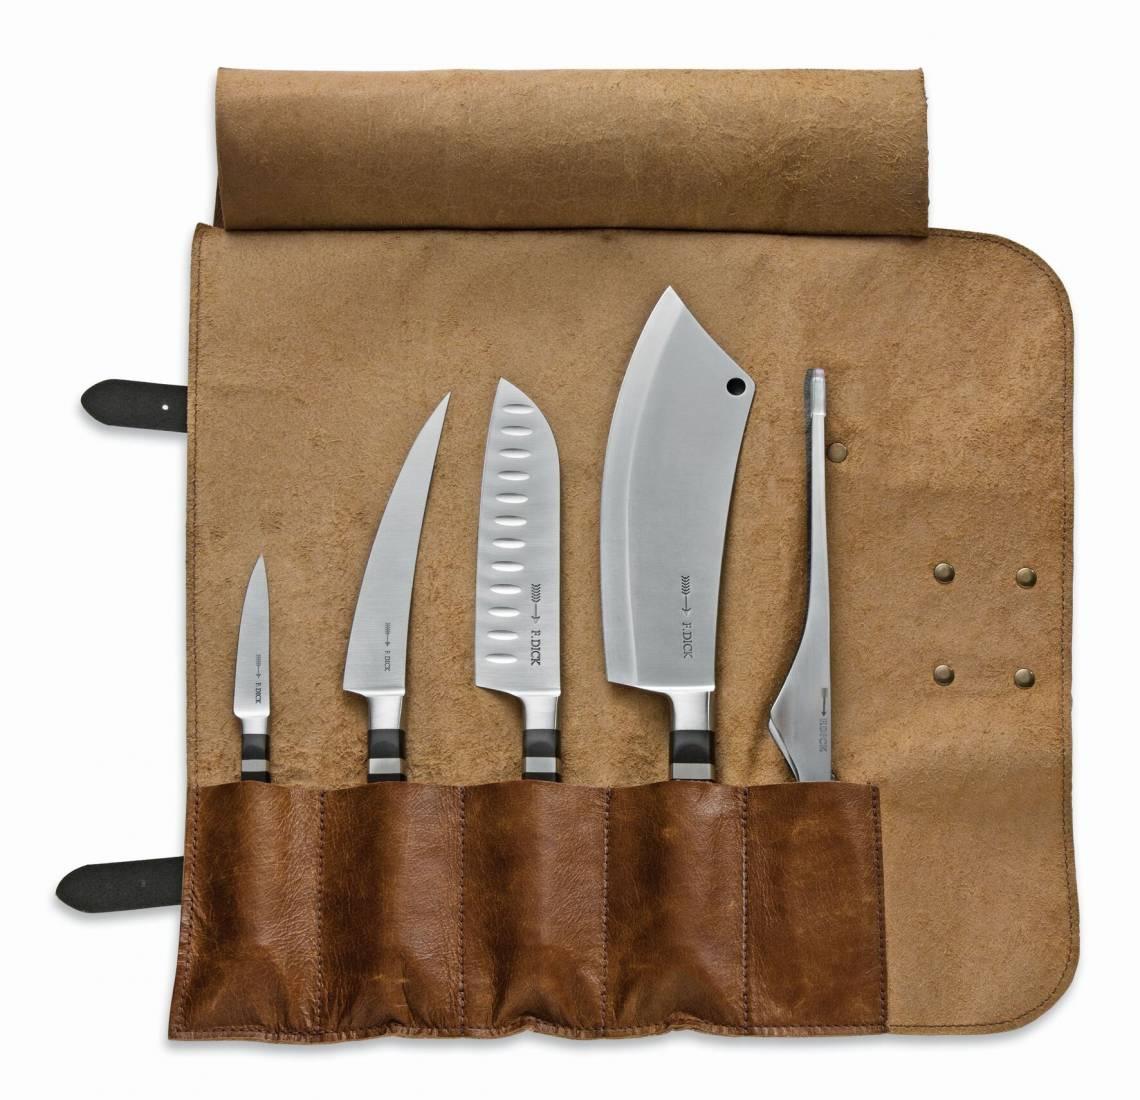 Dick Grilltasche - Nr. 8196800 - geöffnet mit der Messer-Serie 1905